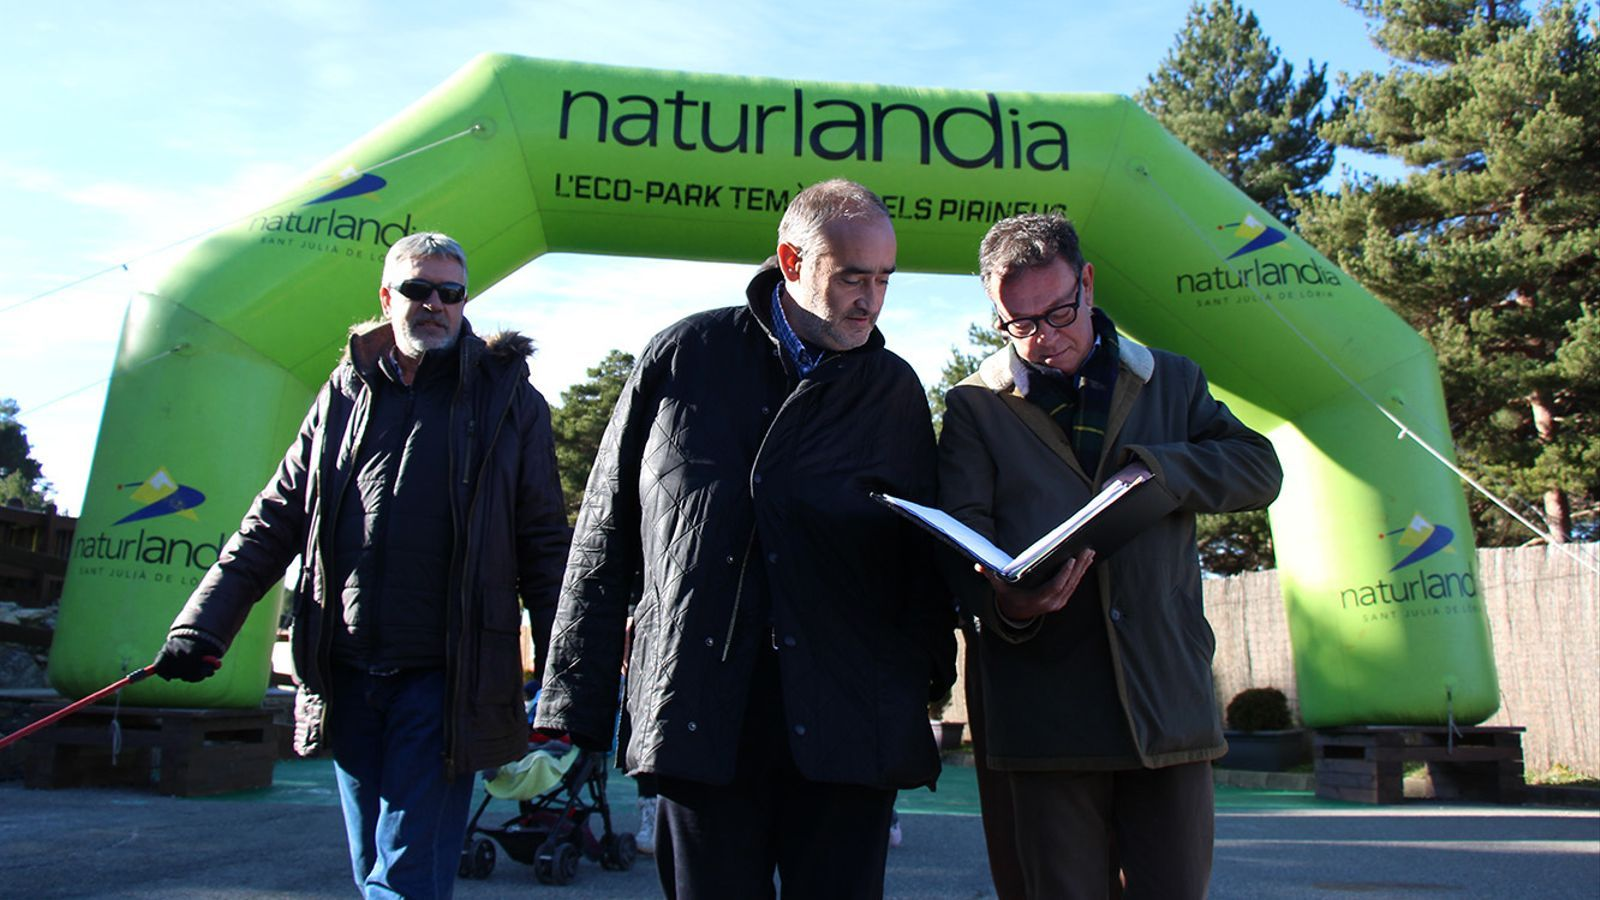 Joan Vidal, Joan Visa i Josep Vila, durant un acte de campanya a Naturlàndia